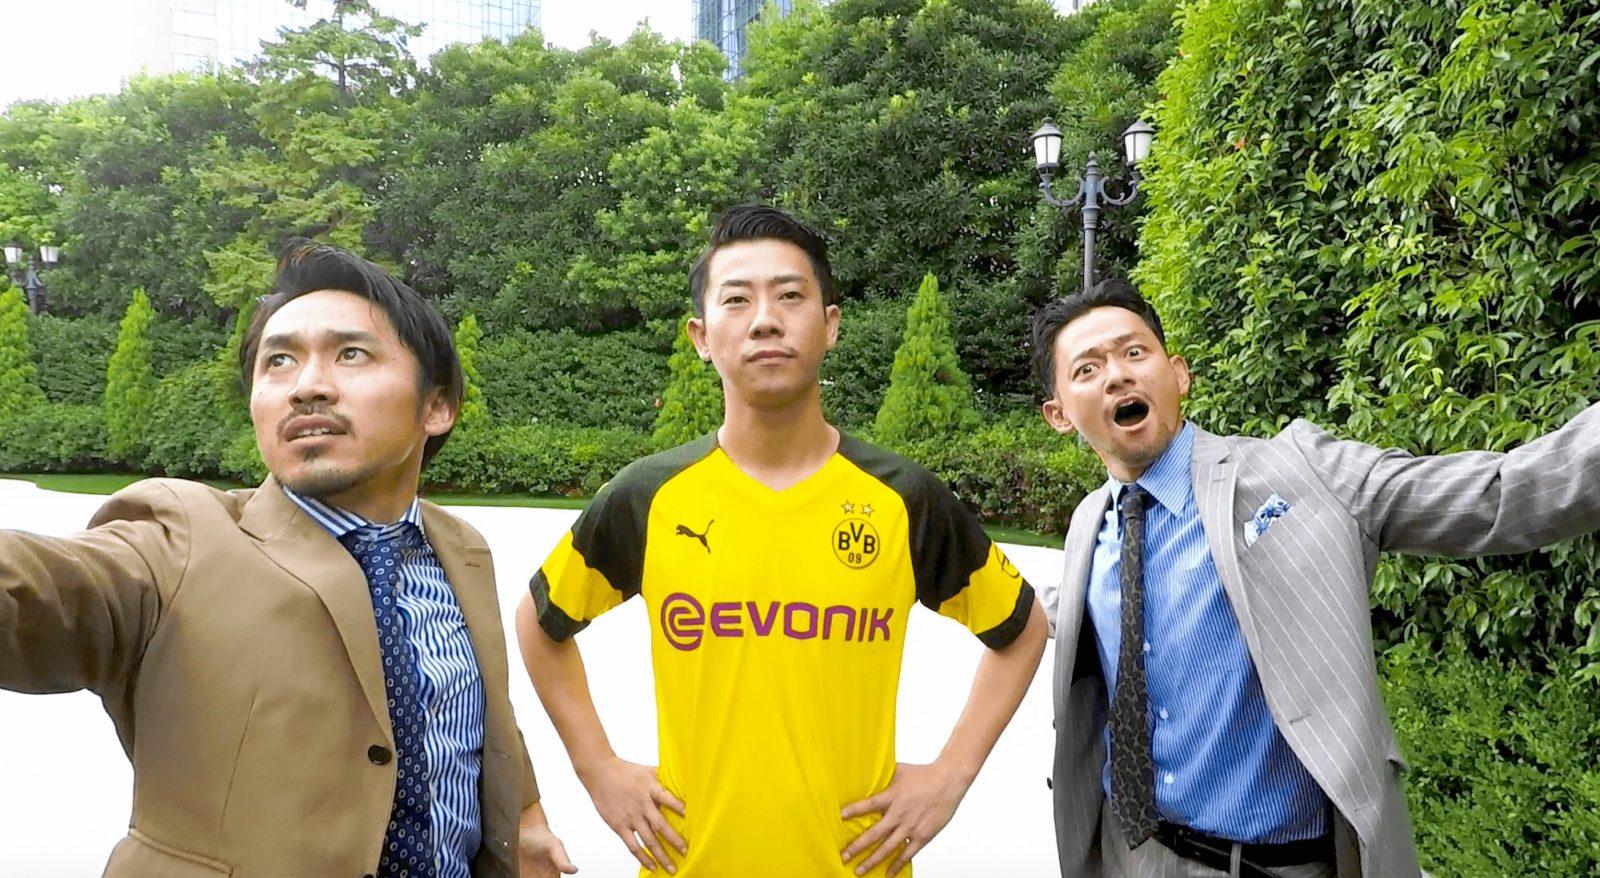 香川選手にパッと見似てる!? C&K、自身が歌うドラマ「サバイバル・ウェディング」主題歌ダンス動画で山根和馬と謎のコラボサムネイル画像